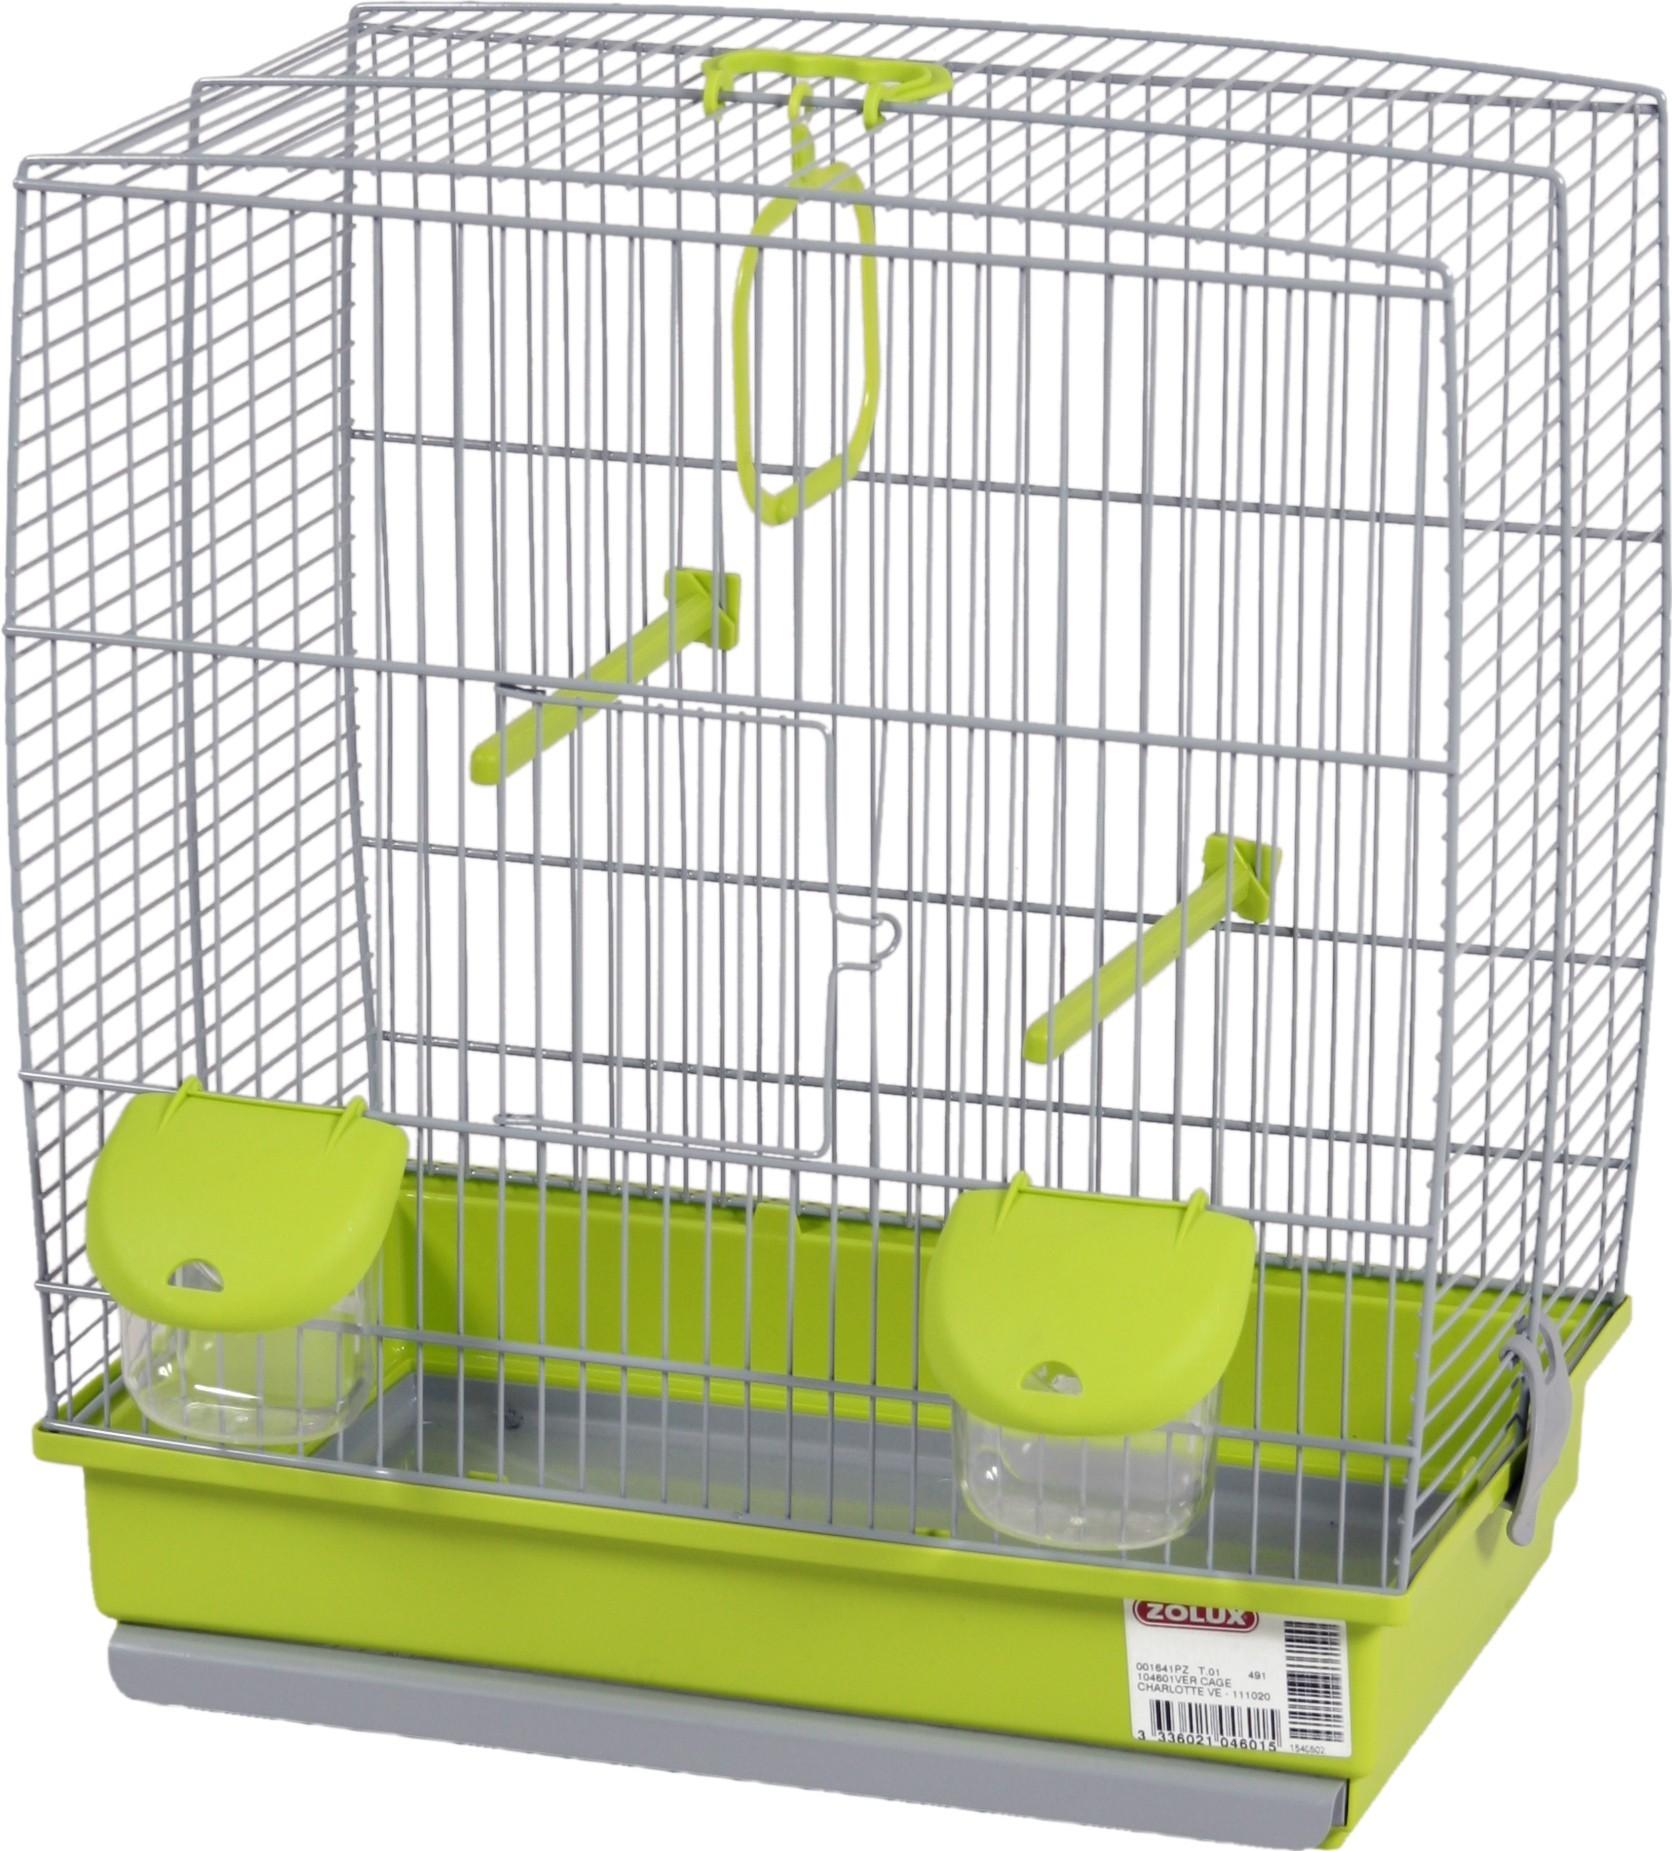 Cage oiseaux Charlotte Zolux, Couleur: Vert